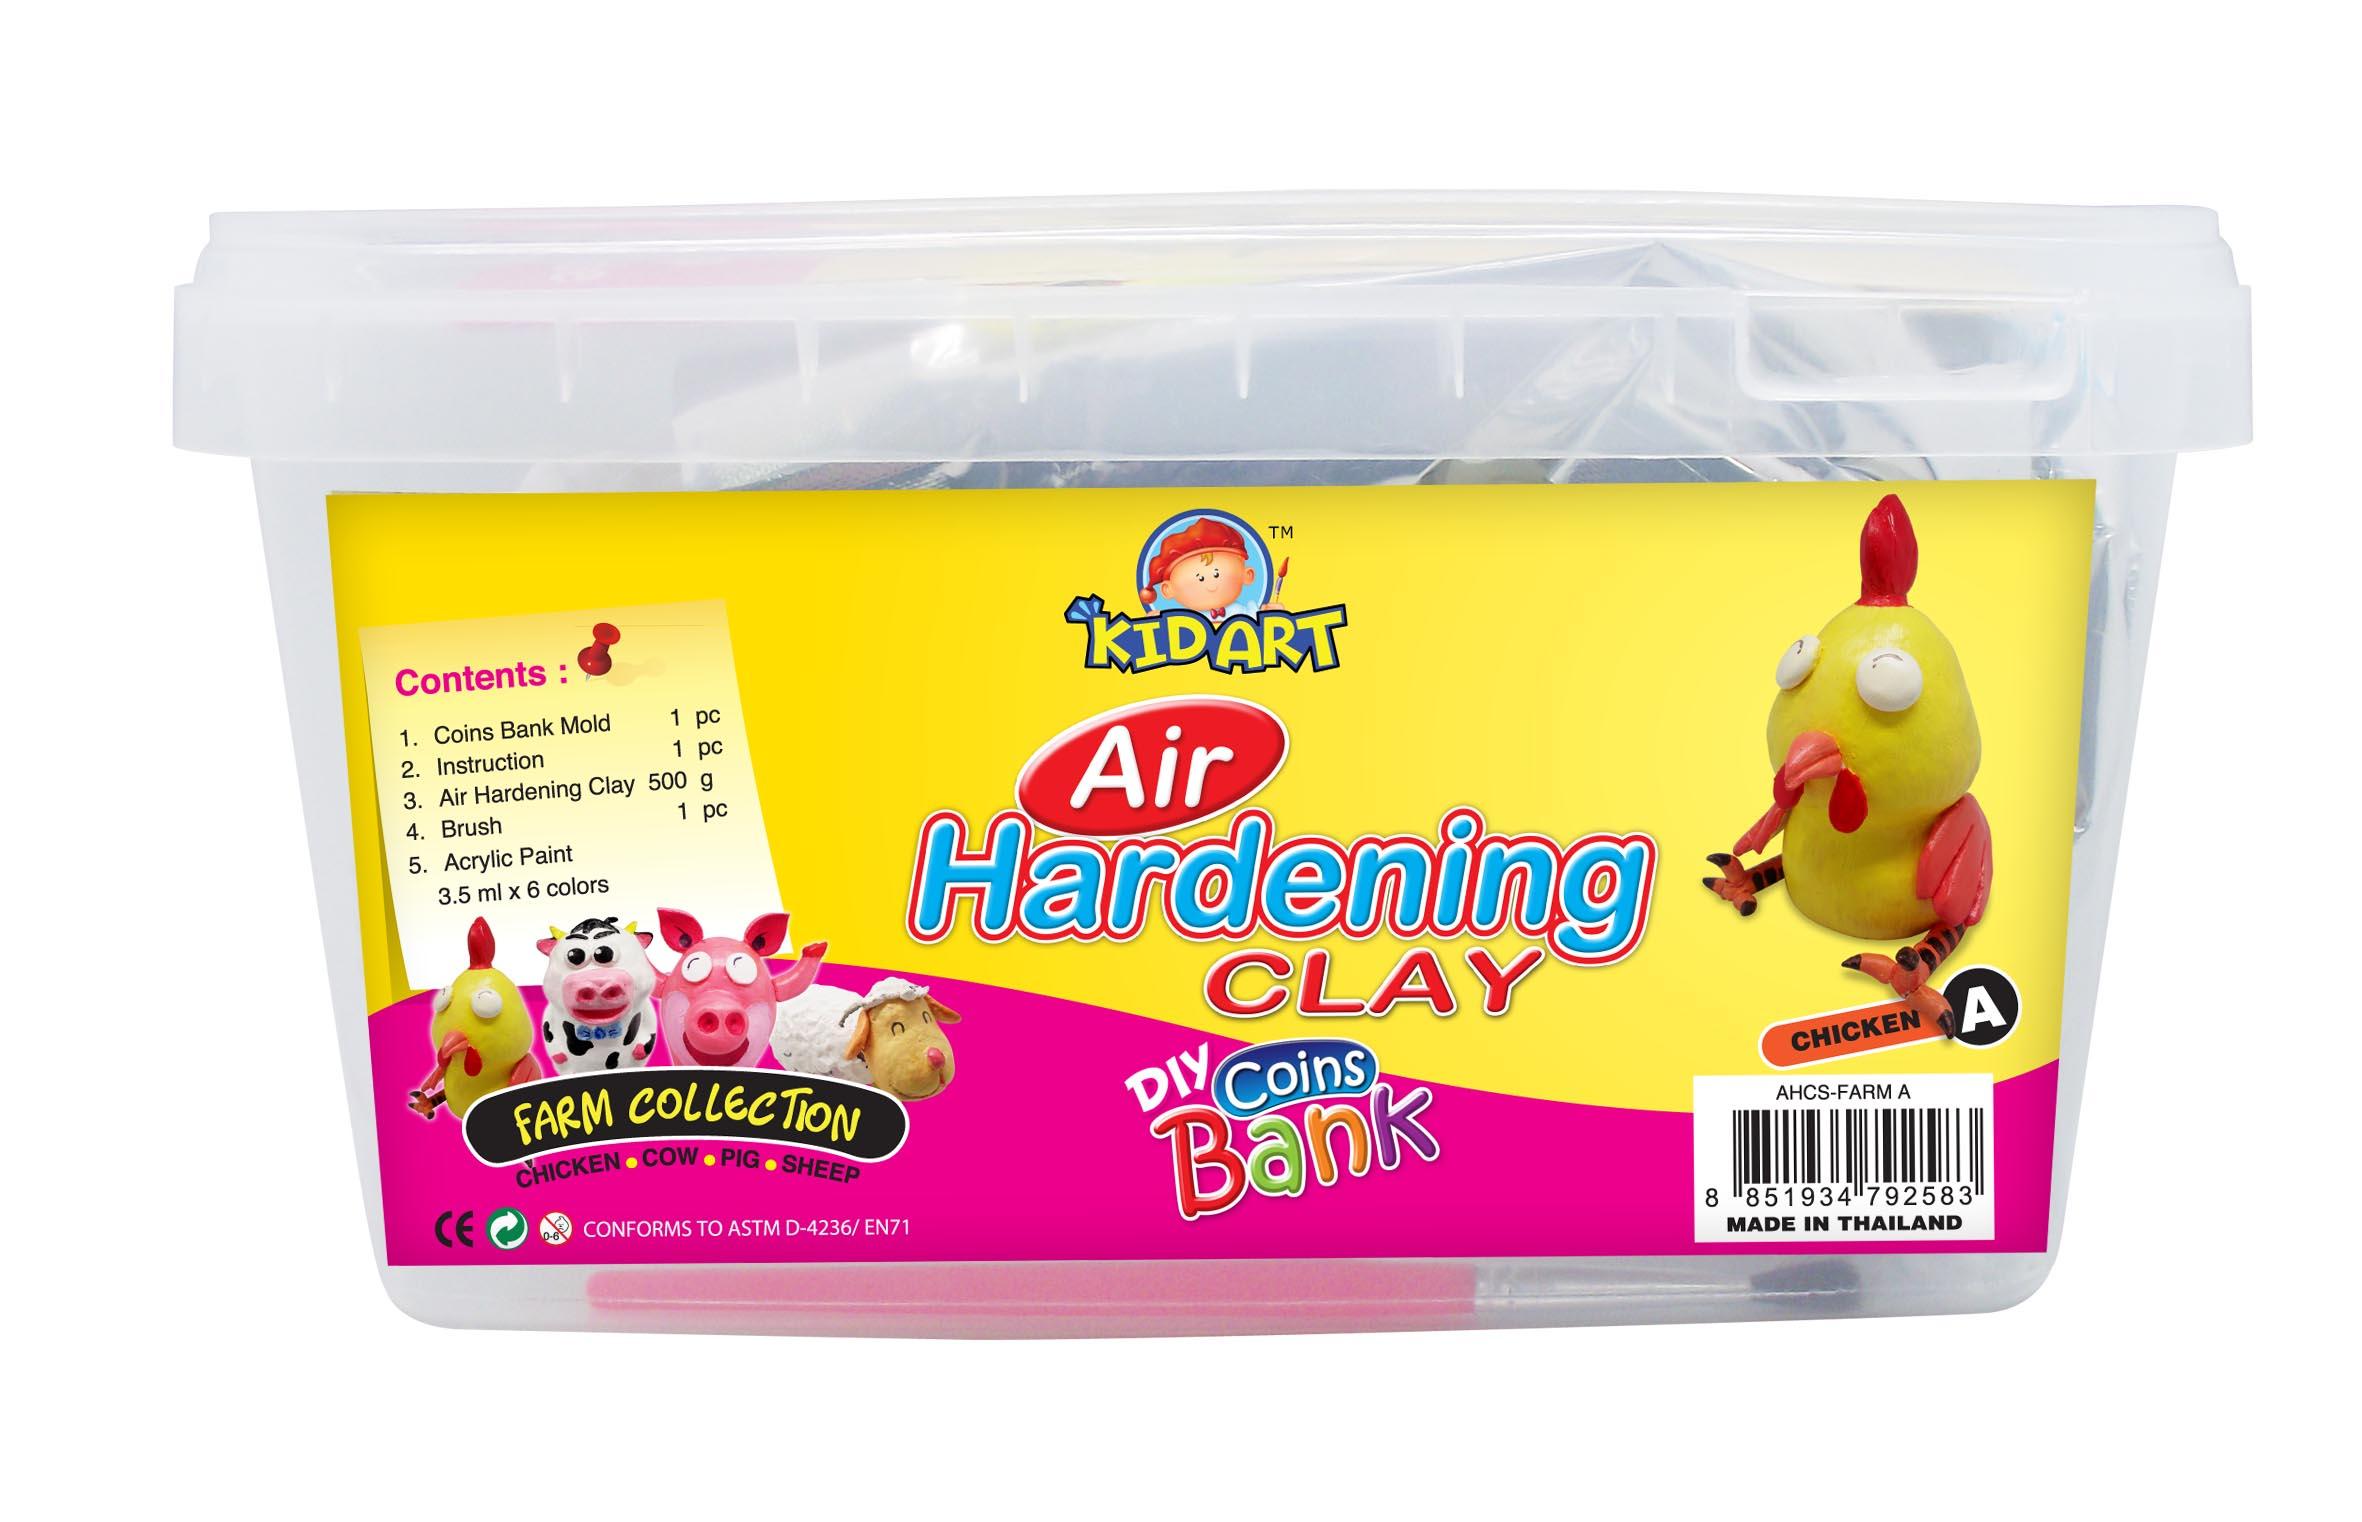 ชุดประดิษฐ์กระปุกออมสินดินธรรมชาติ :(D.I.Y. Air Hardening Clay Coin Bank)